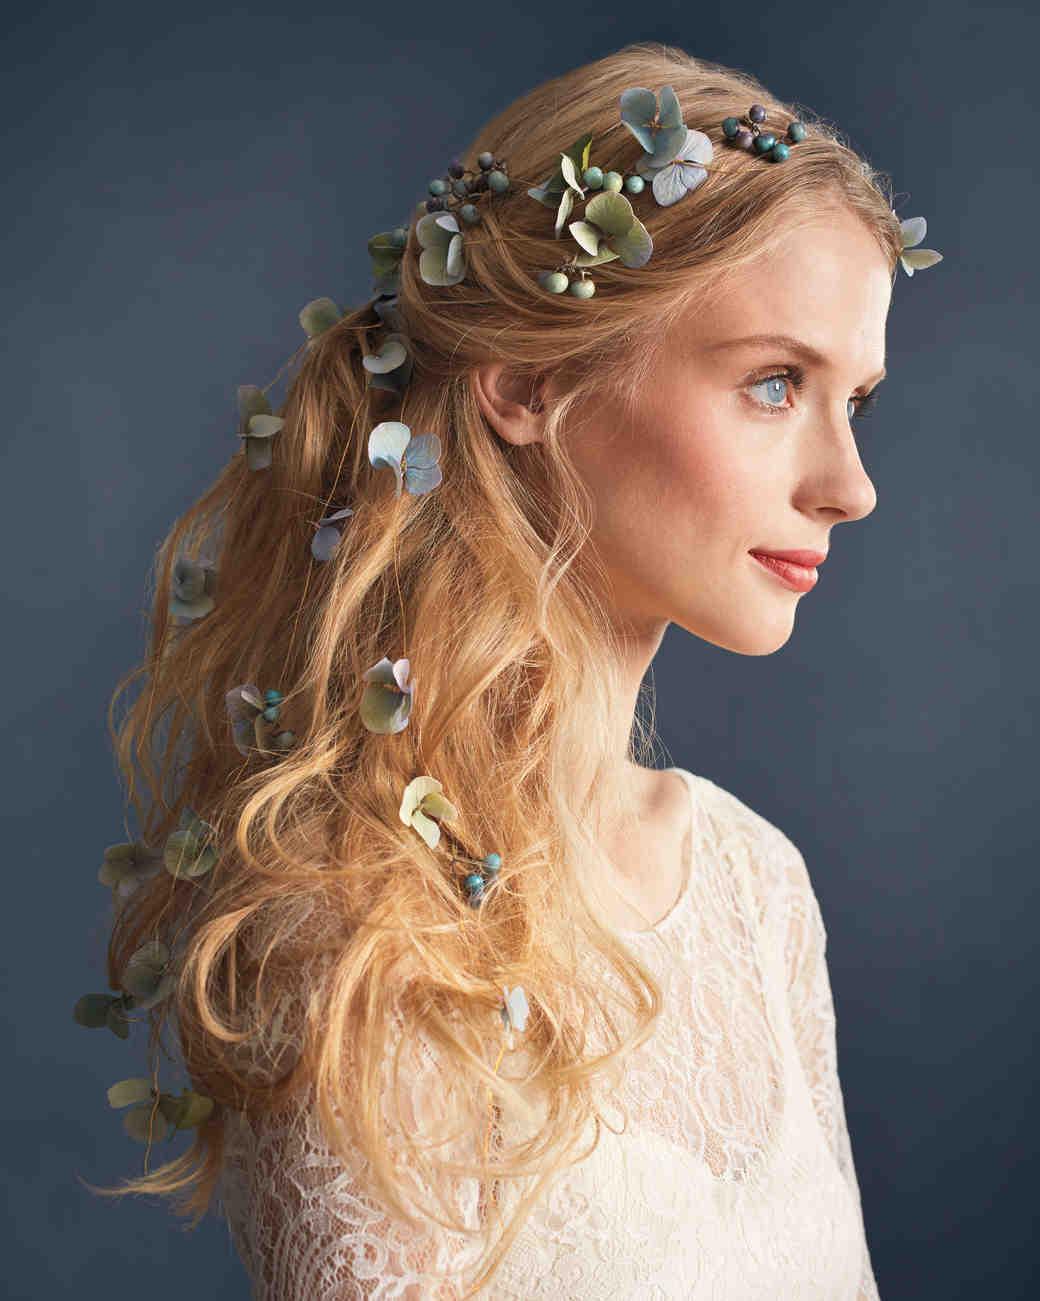 boho-girl-flowers-hair-294-d111584.jpg